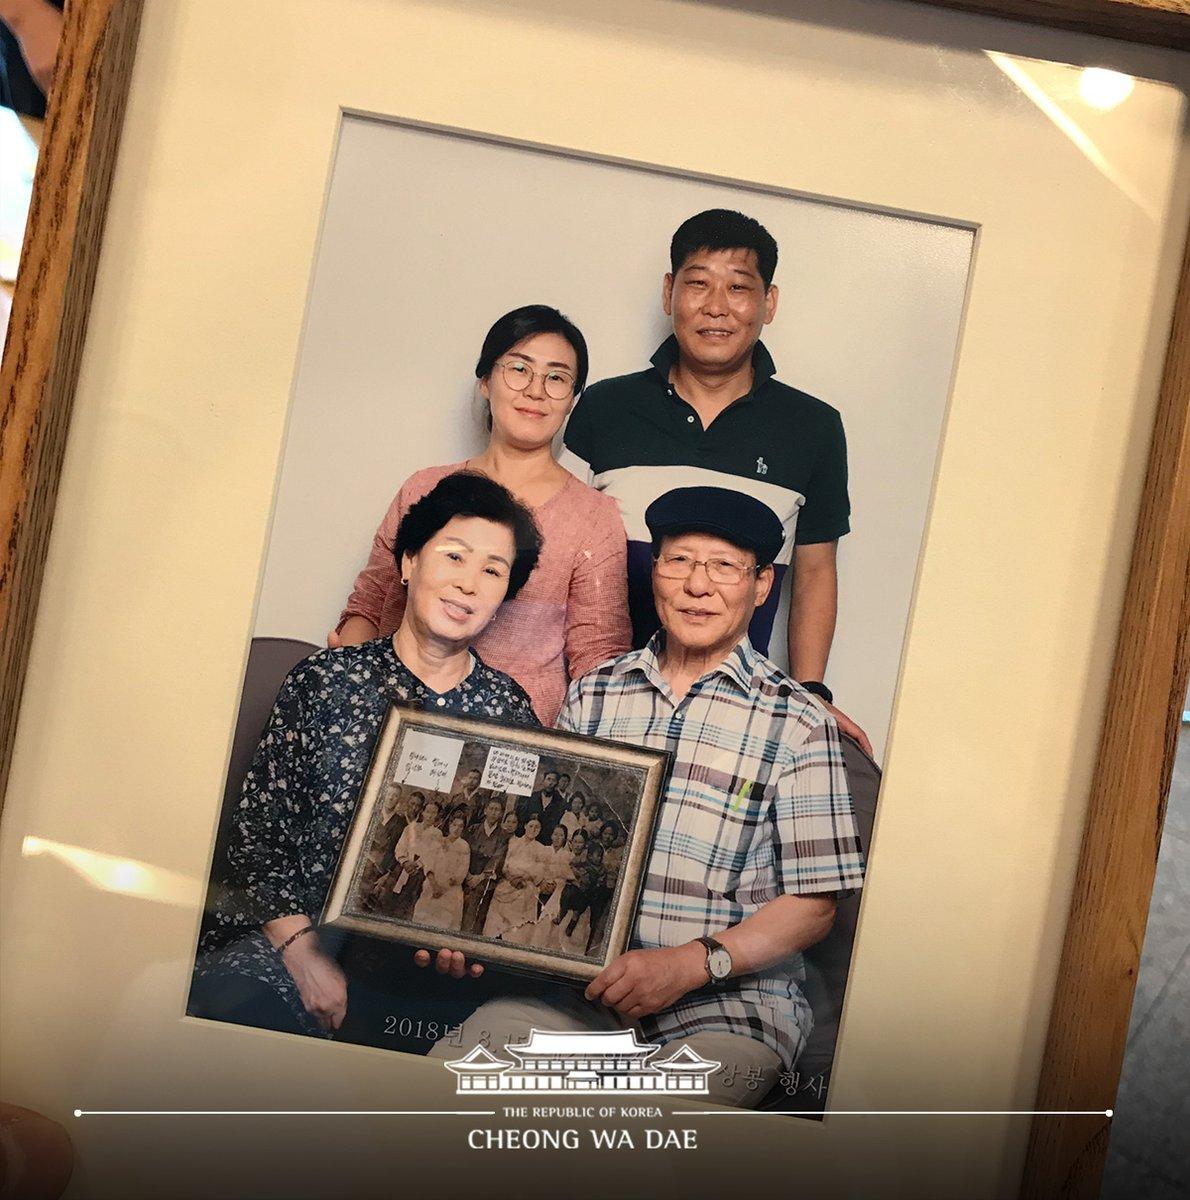 Trwają spotkania rodzin z Korei Północnej i Południowej rozdzielonych po wojnie koreańskiej